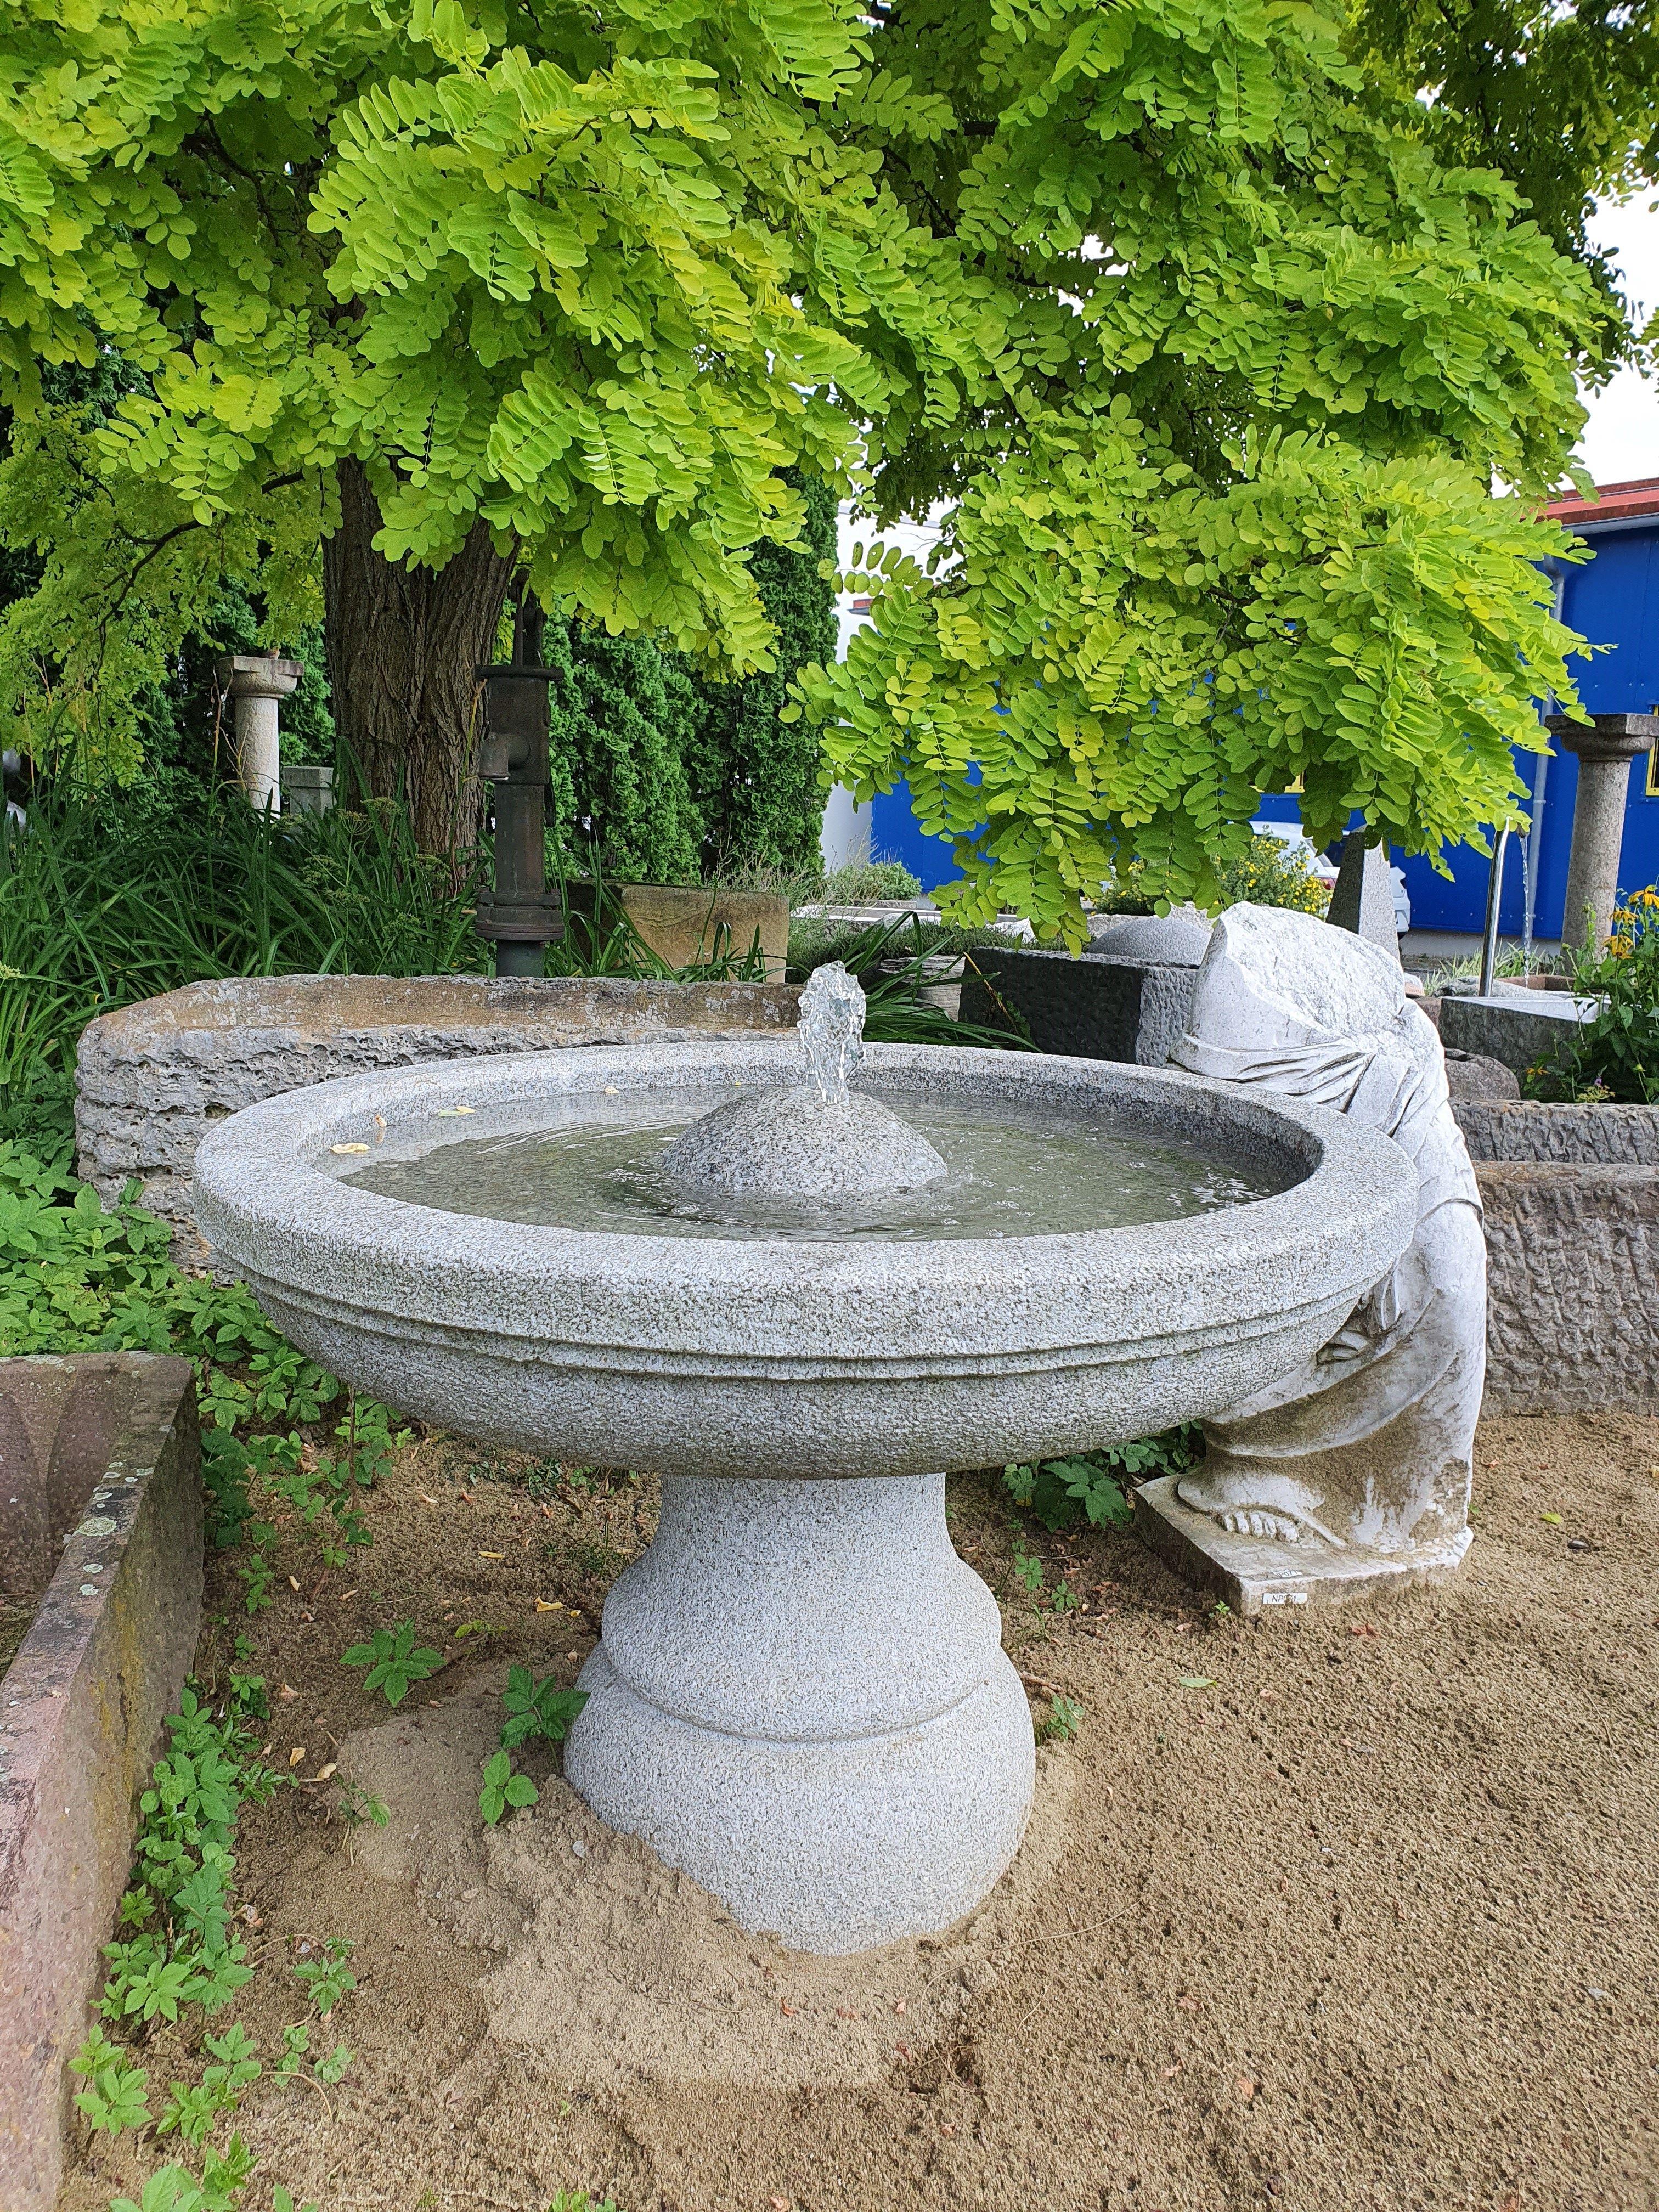 Gartenbrunnen Im Italienischen Stil Gartenbrunnen Brunnen Garten Italienischer Stil